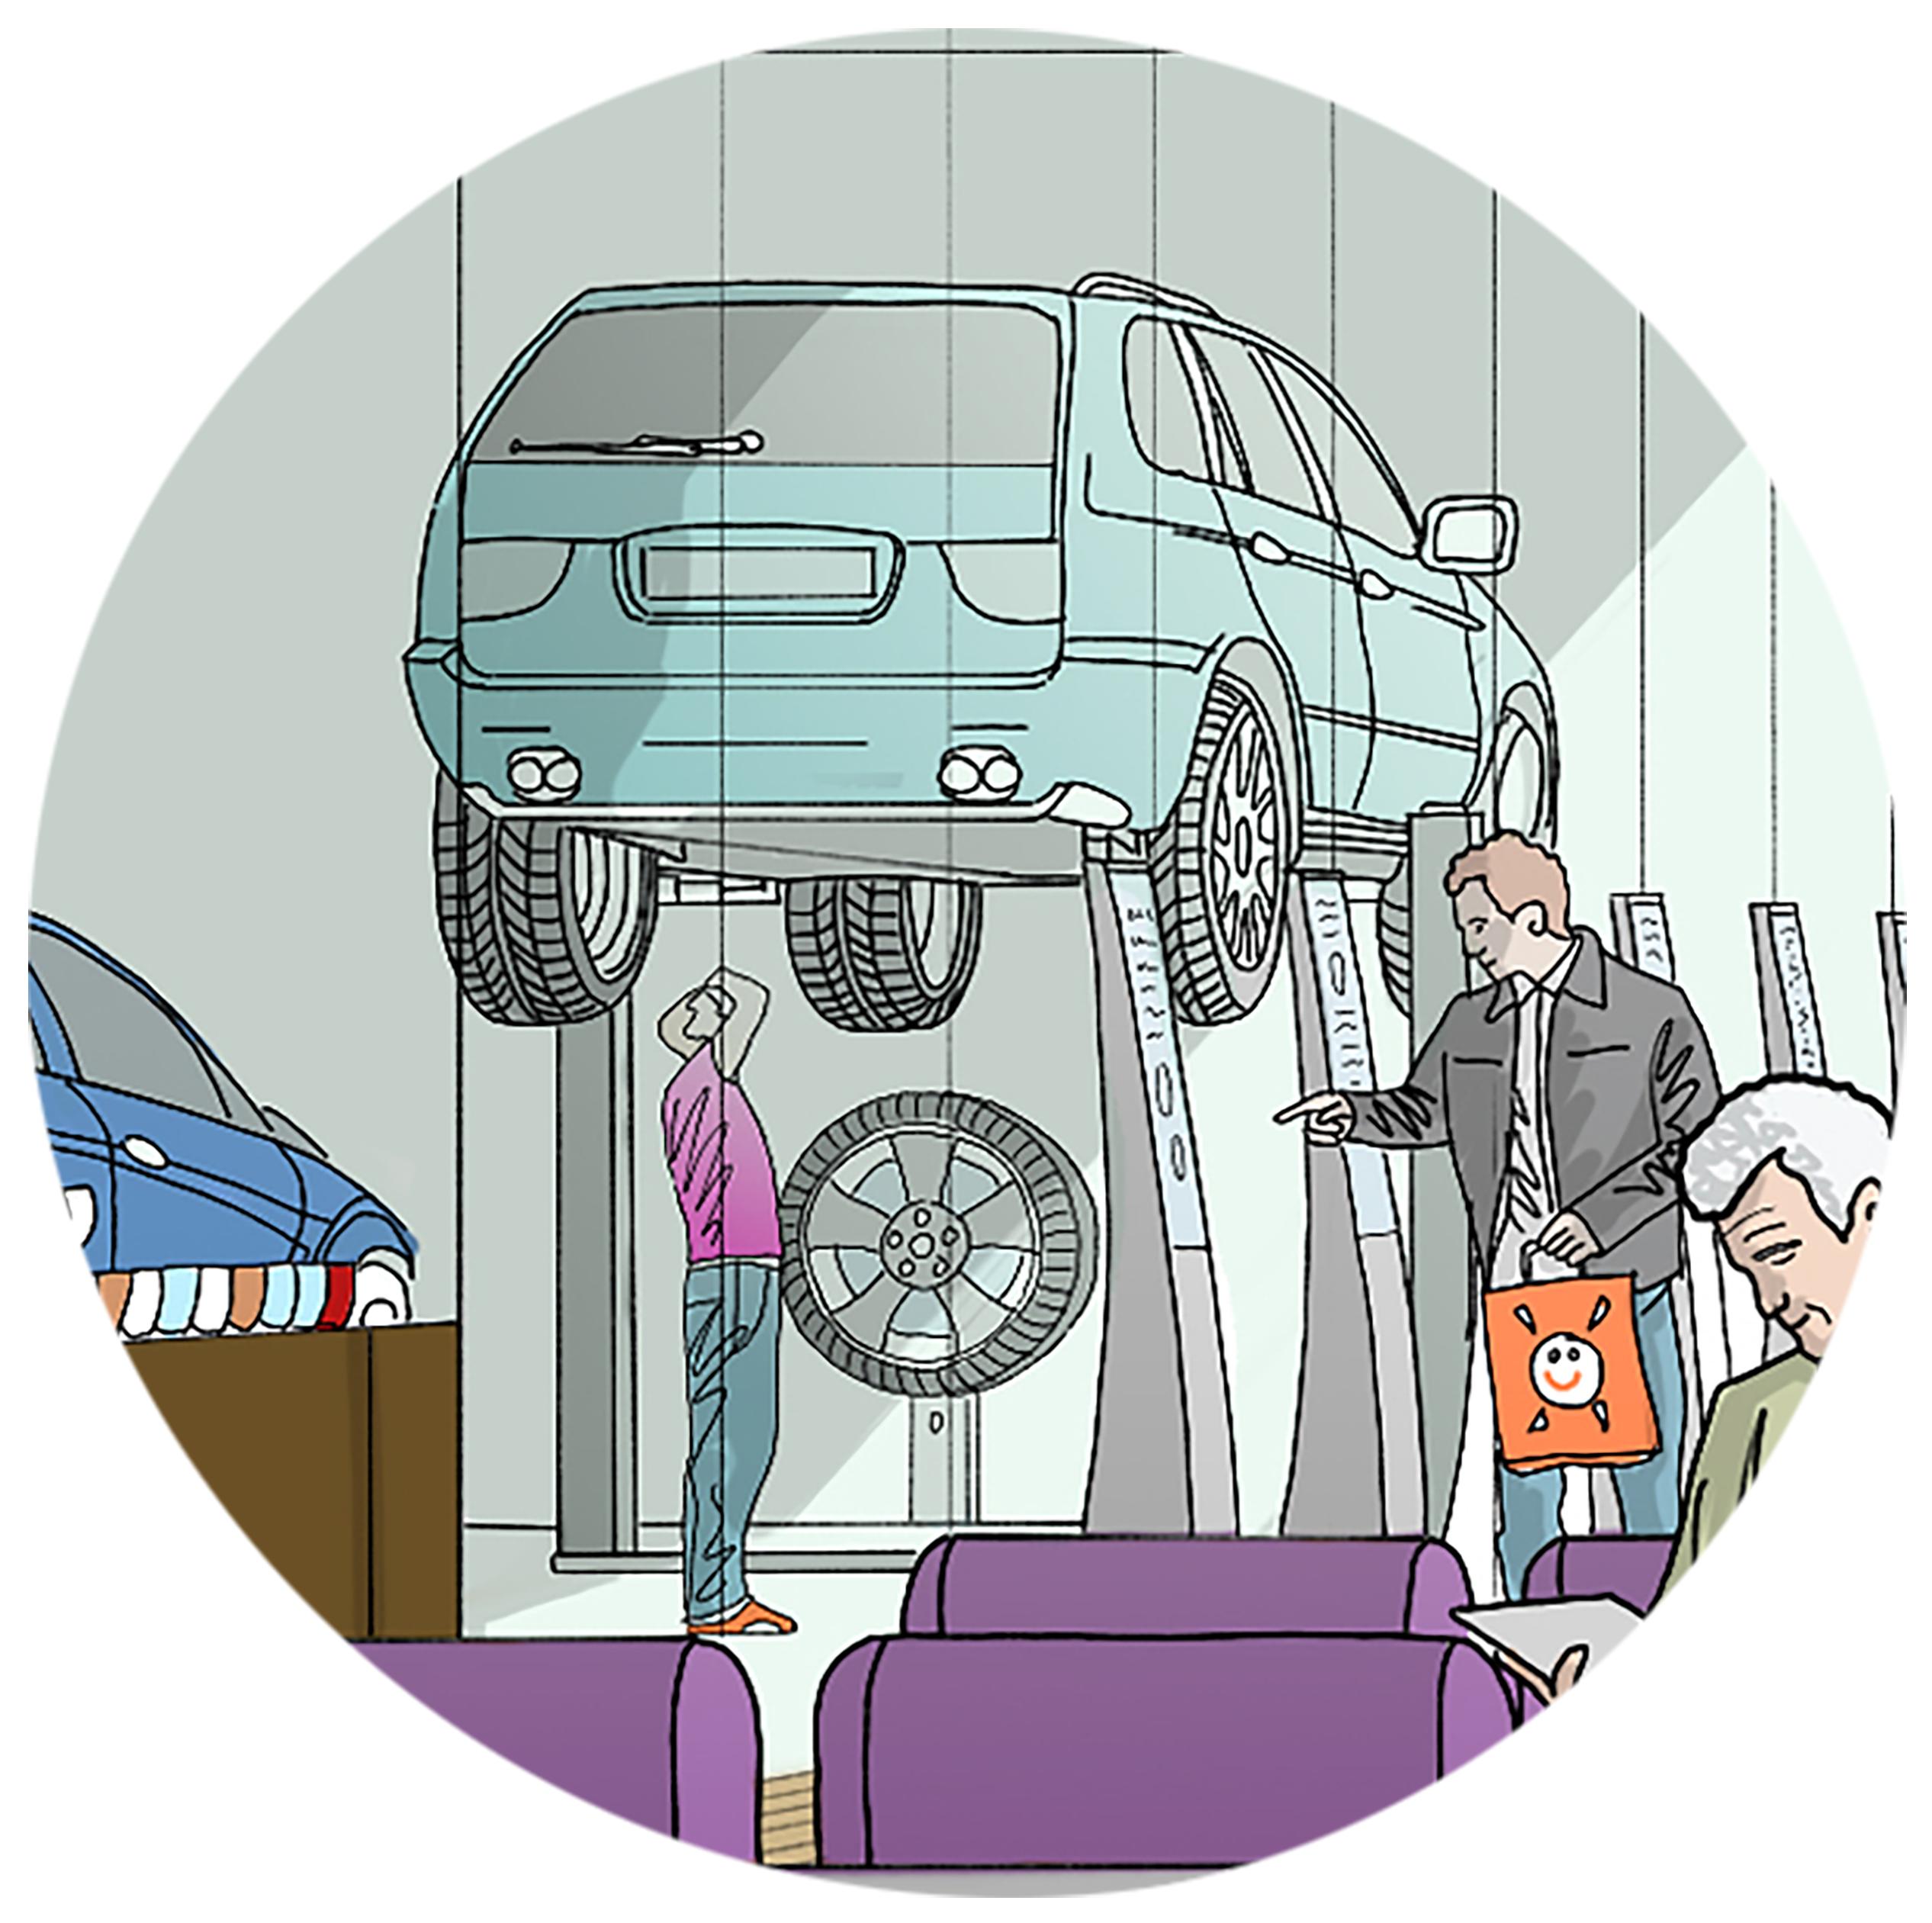 Driving clipart driver service. Building a bright future